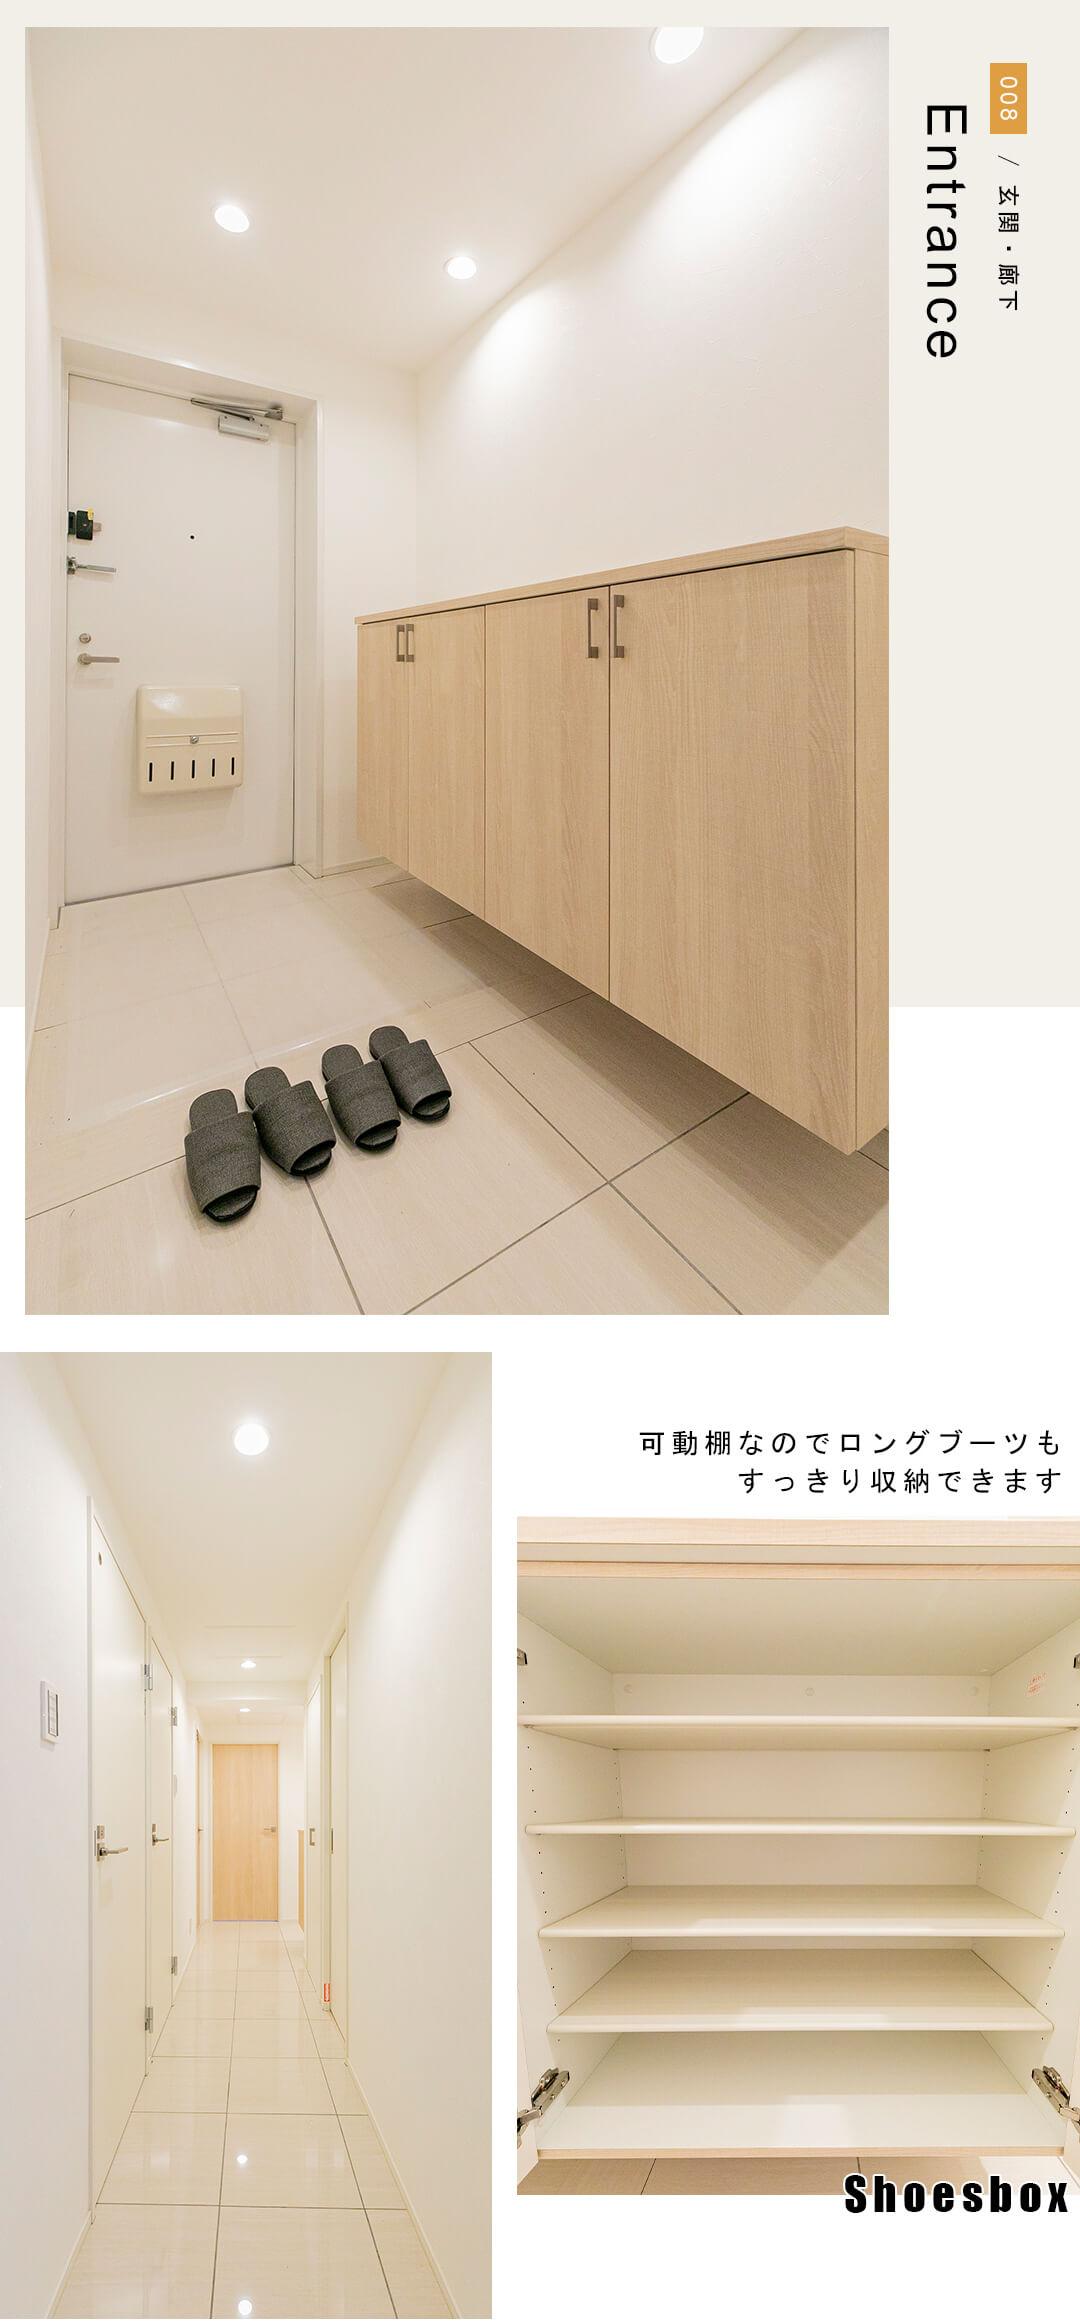 上目黒小川坂ハイツの玄関と廊下